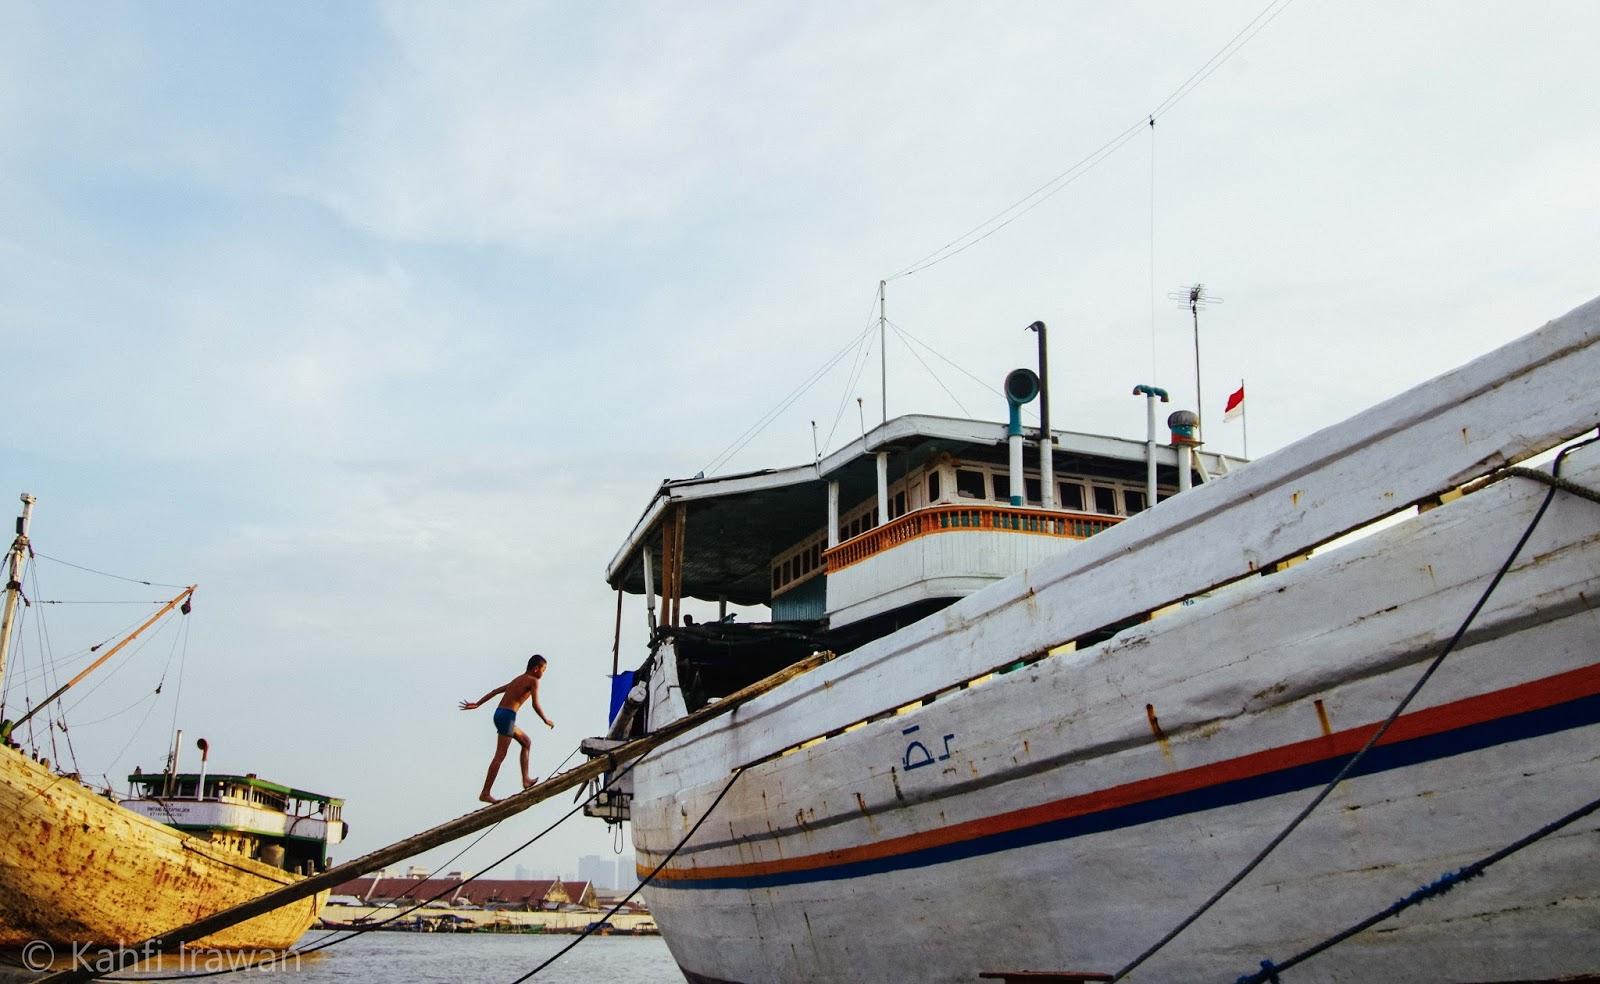 Potret Kehidupan anak-anak di pelabuhan Sunda Kelapa